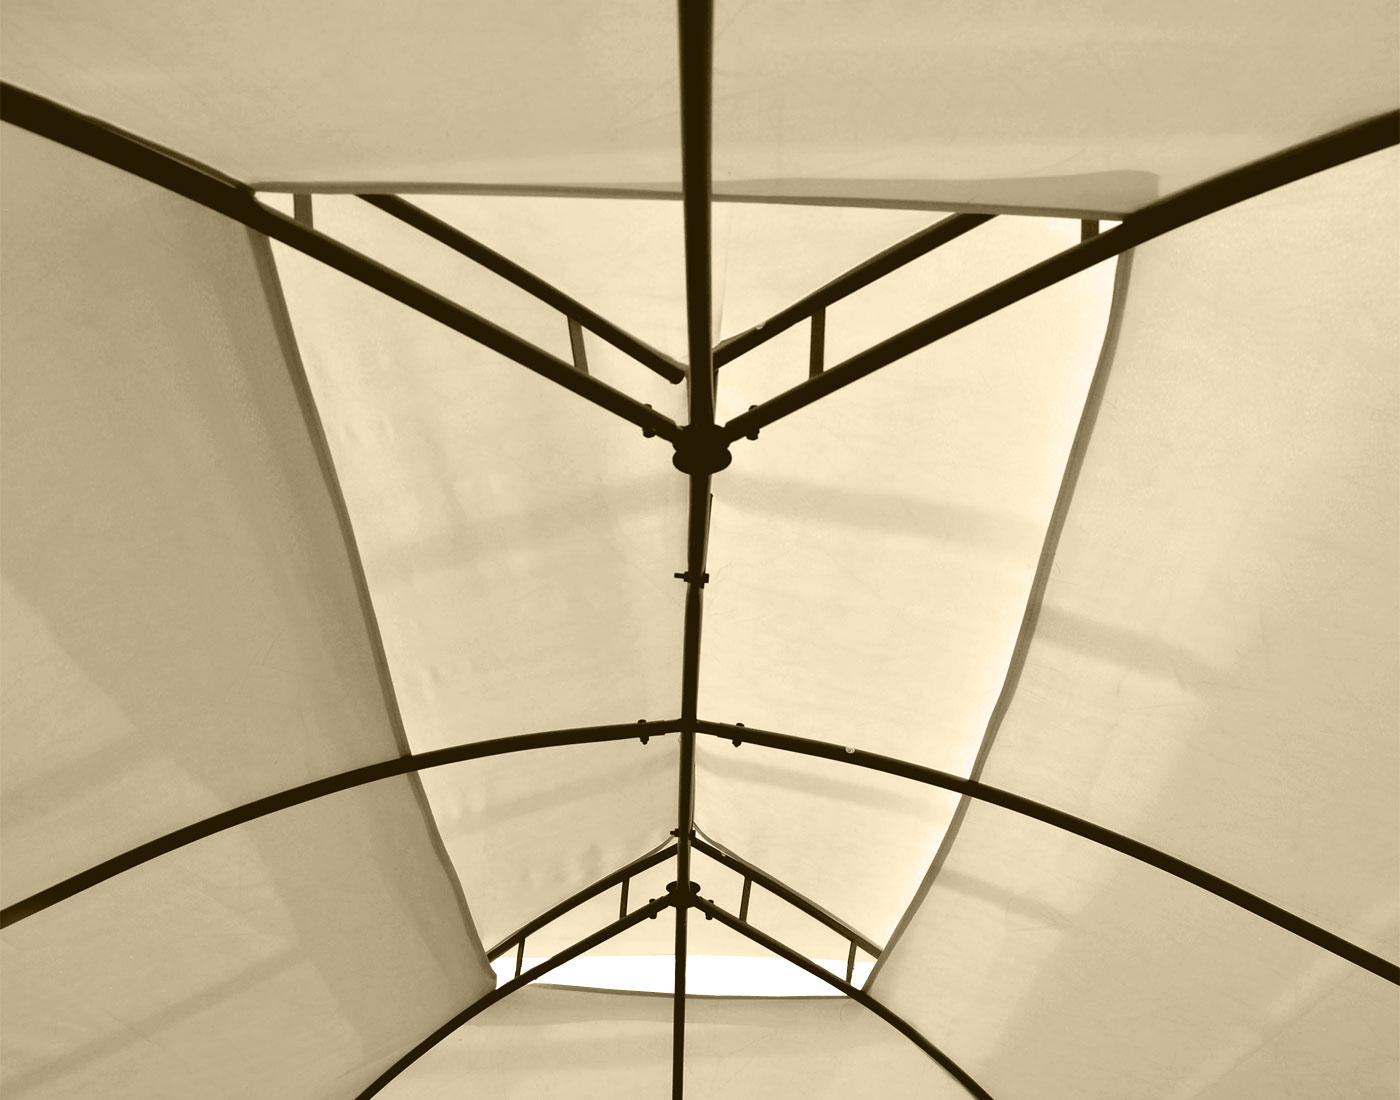 pergola mecina garten pavillon 4cm stahl gestell mit seitenwand 4x3m kaufen bei mendler. Black Bedroom Furniture Sets. Home Design Ideas